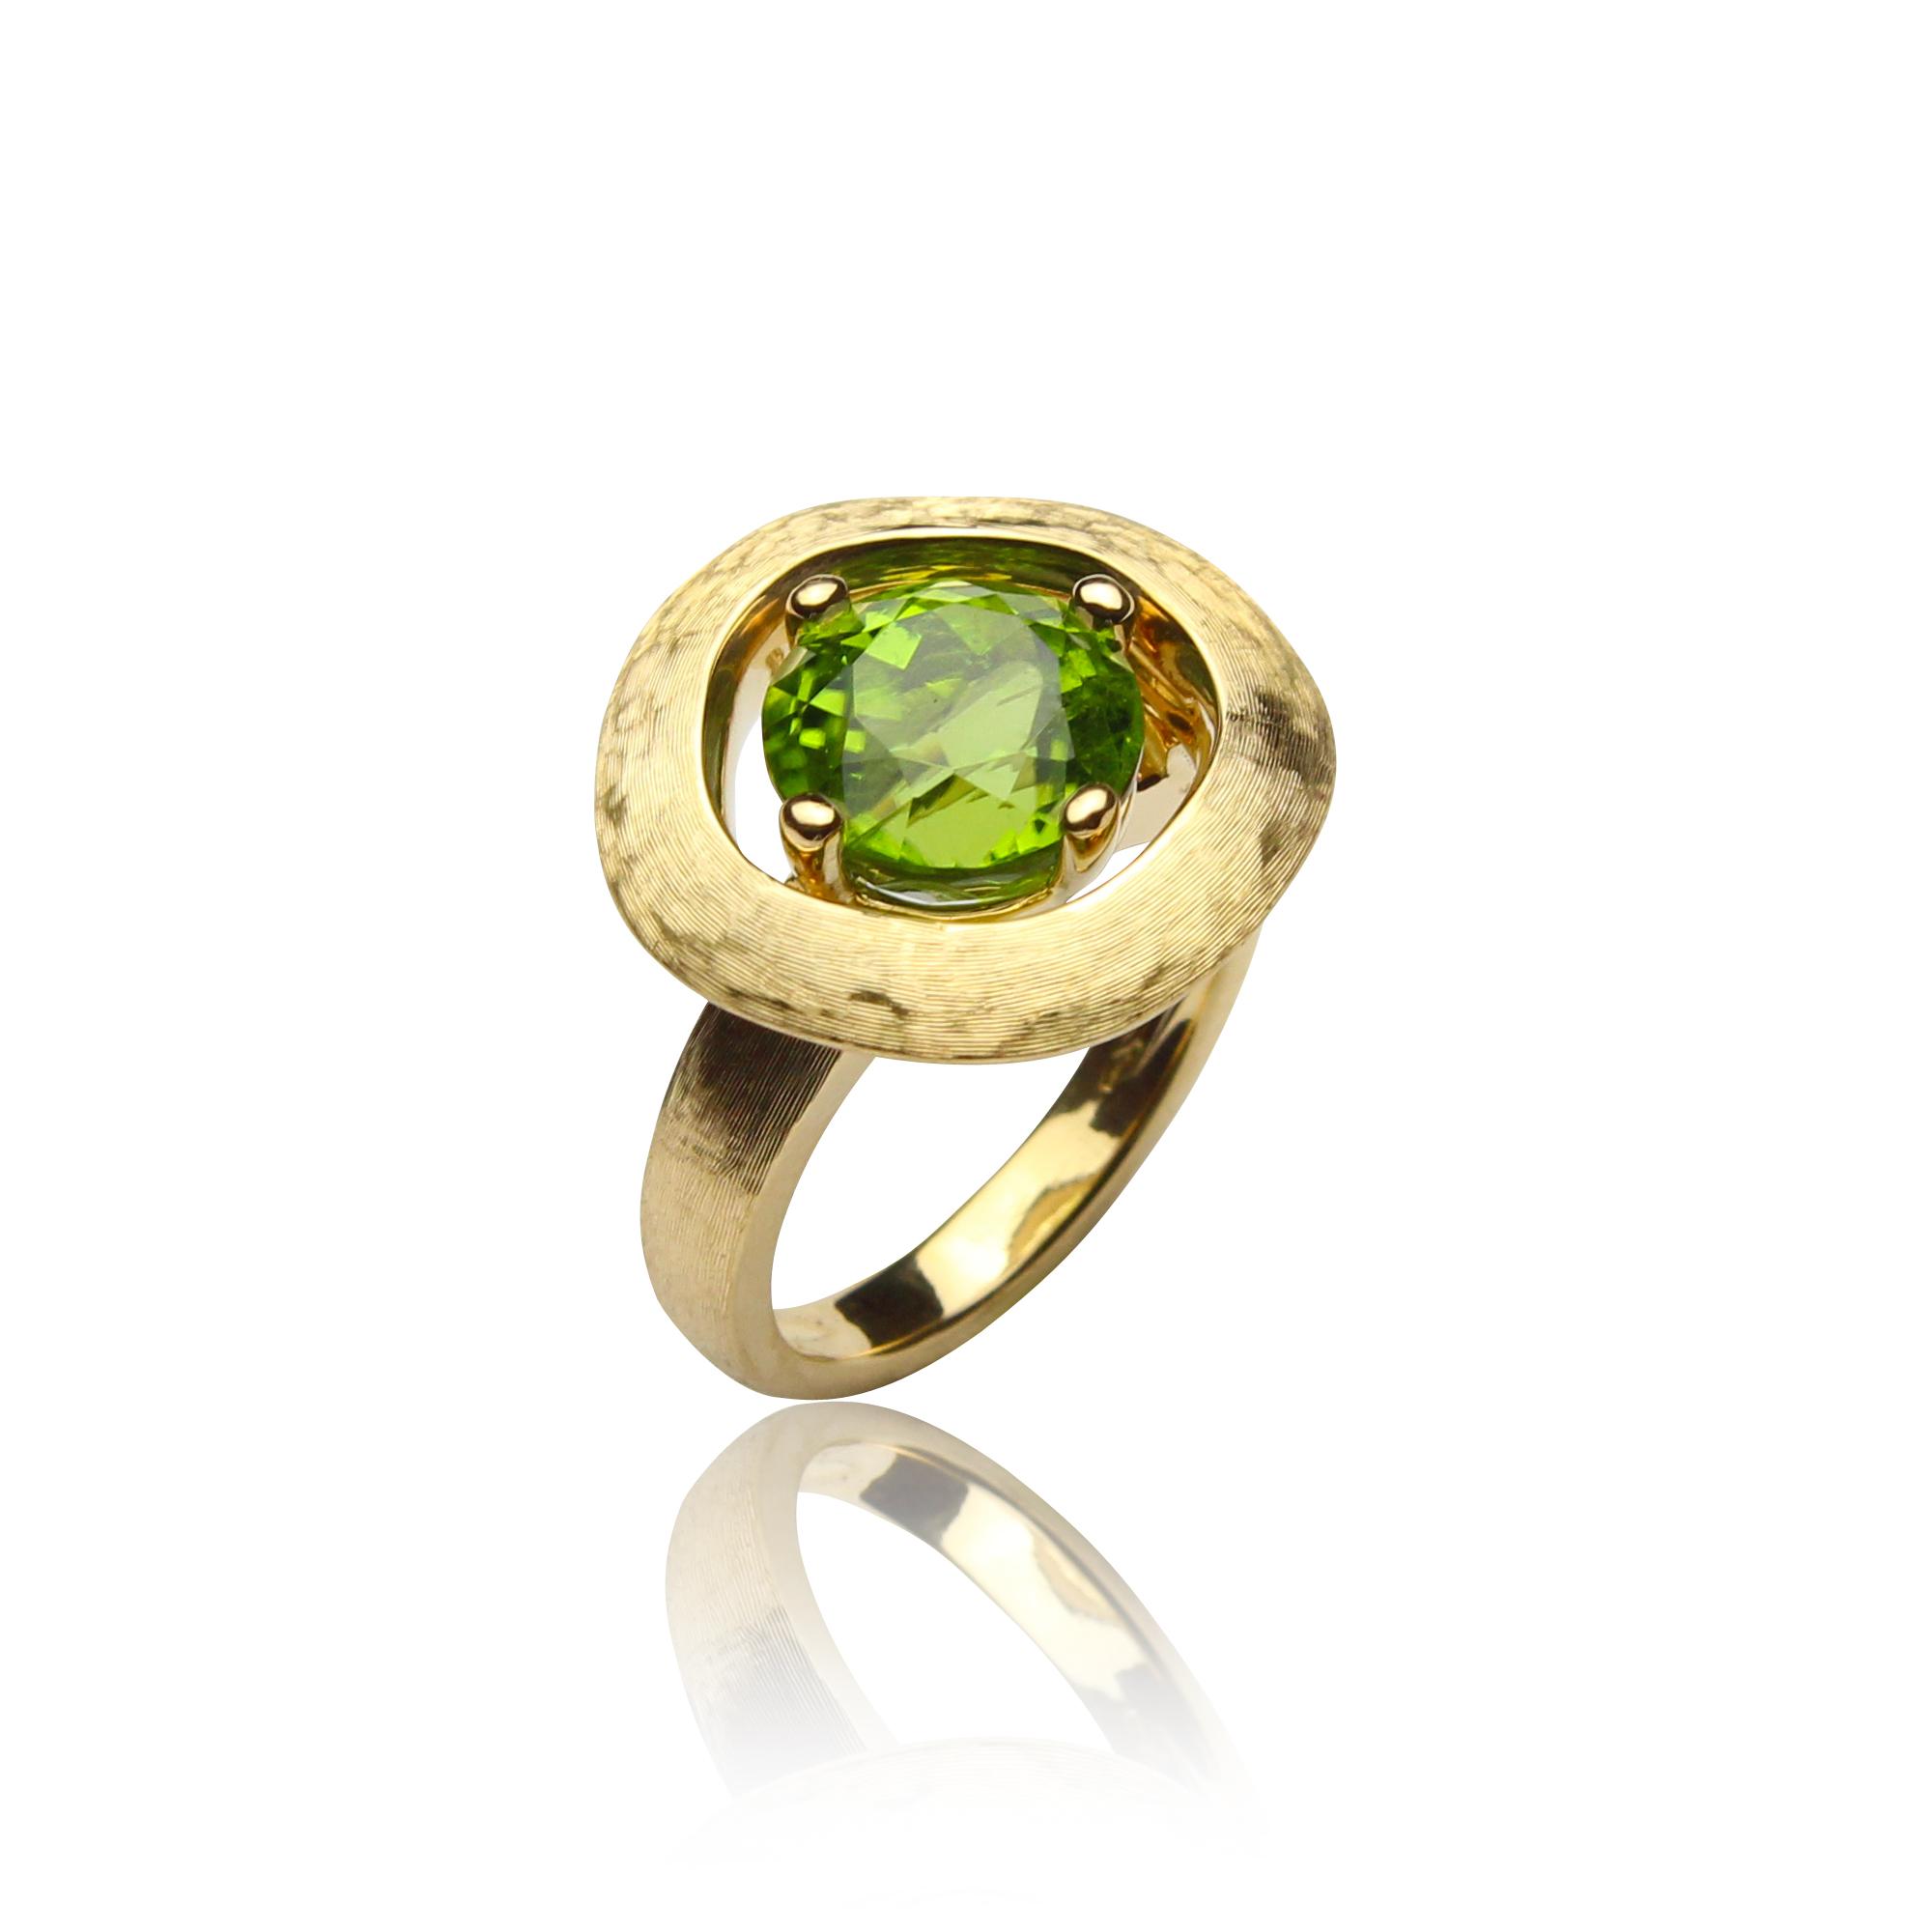 anello paradiso 1198 peridoto in oro giallo 18 carati con peridoto